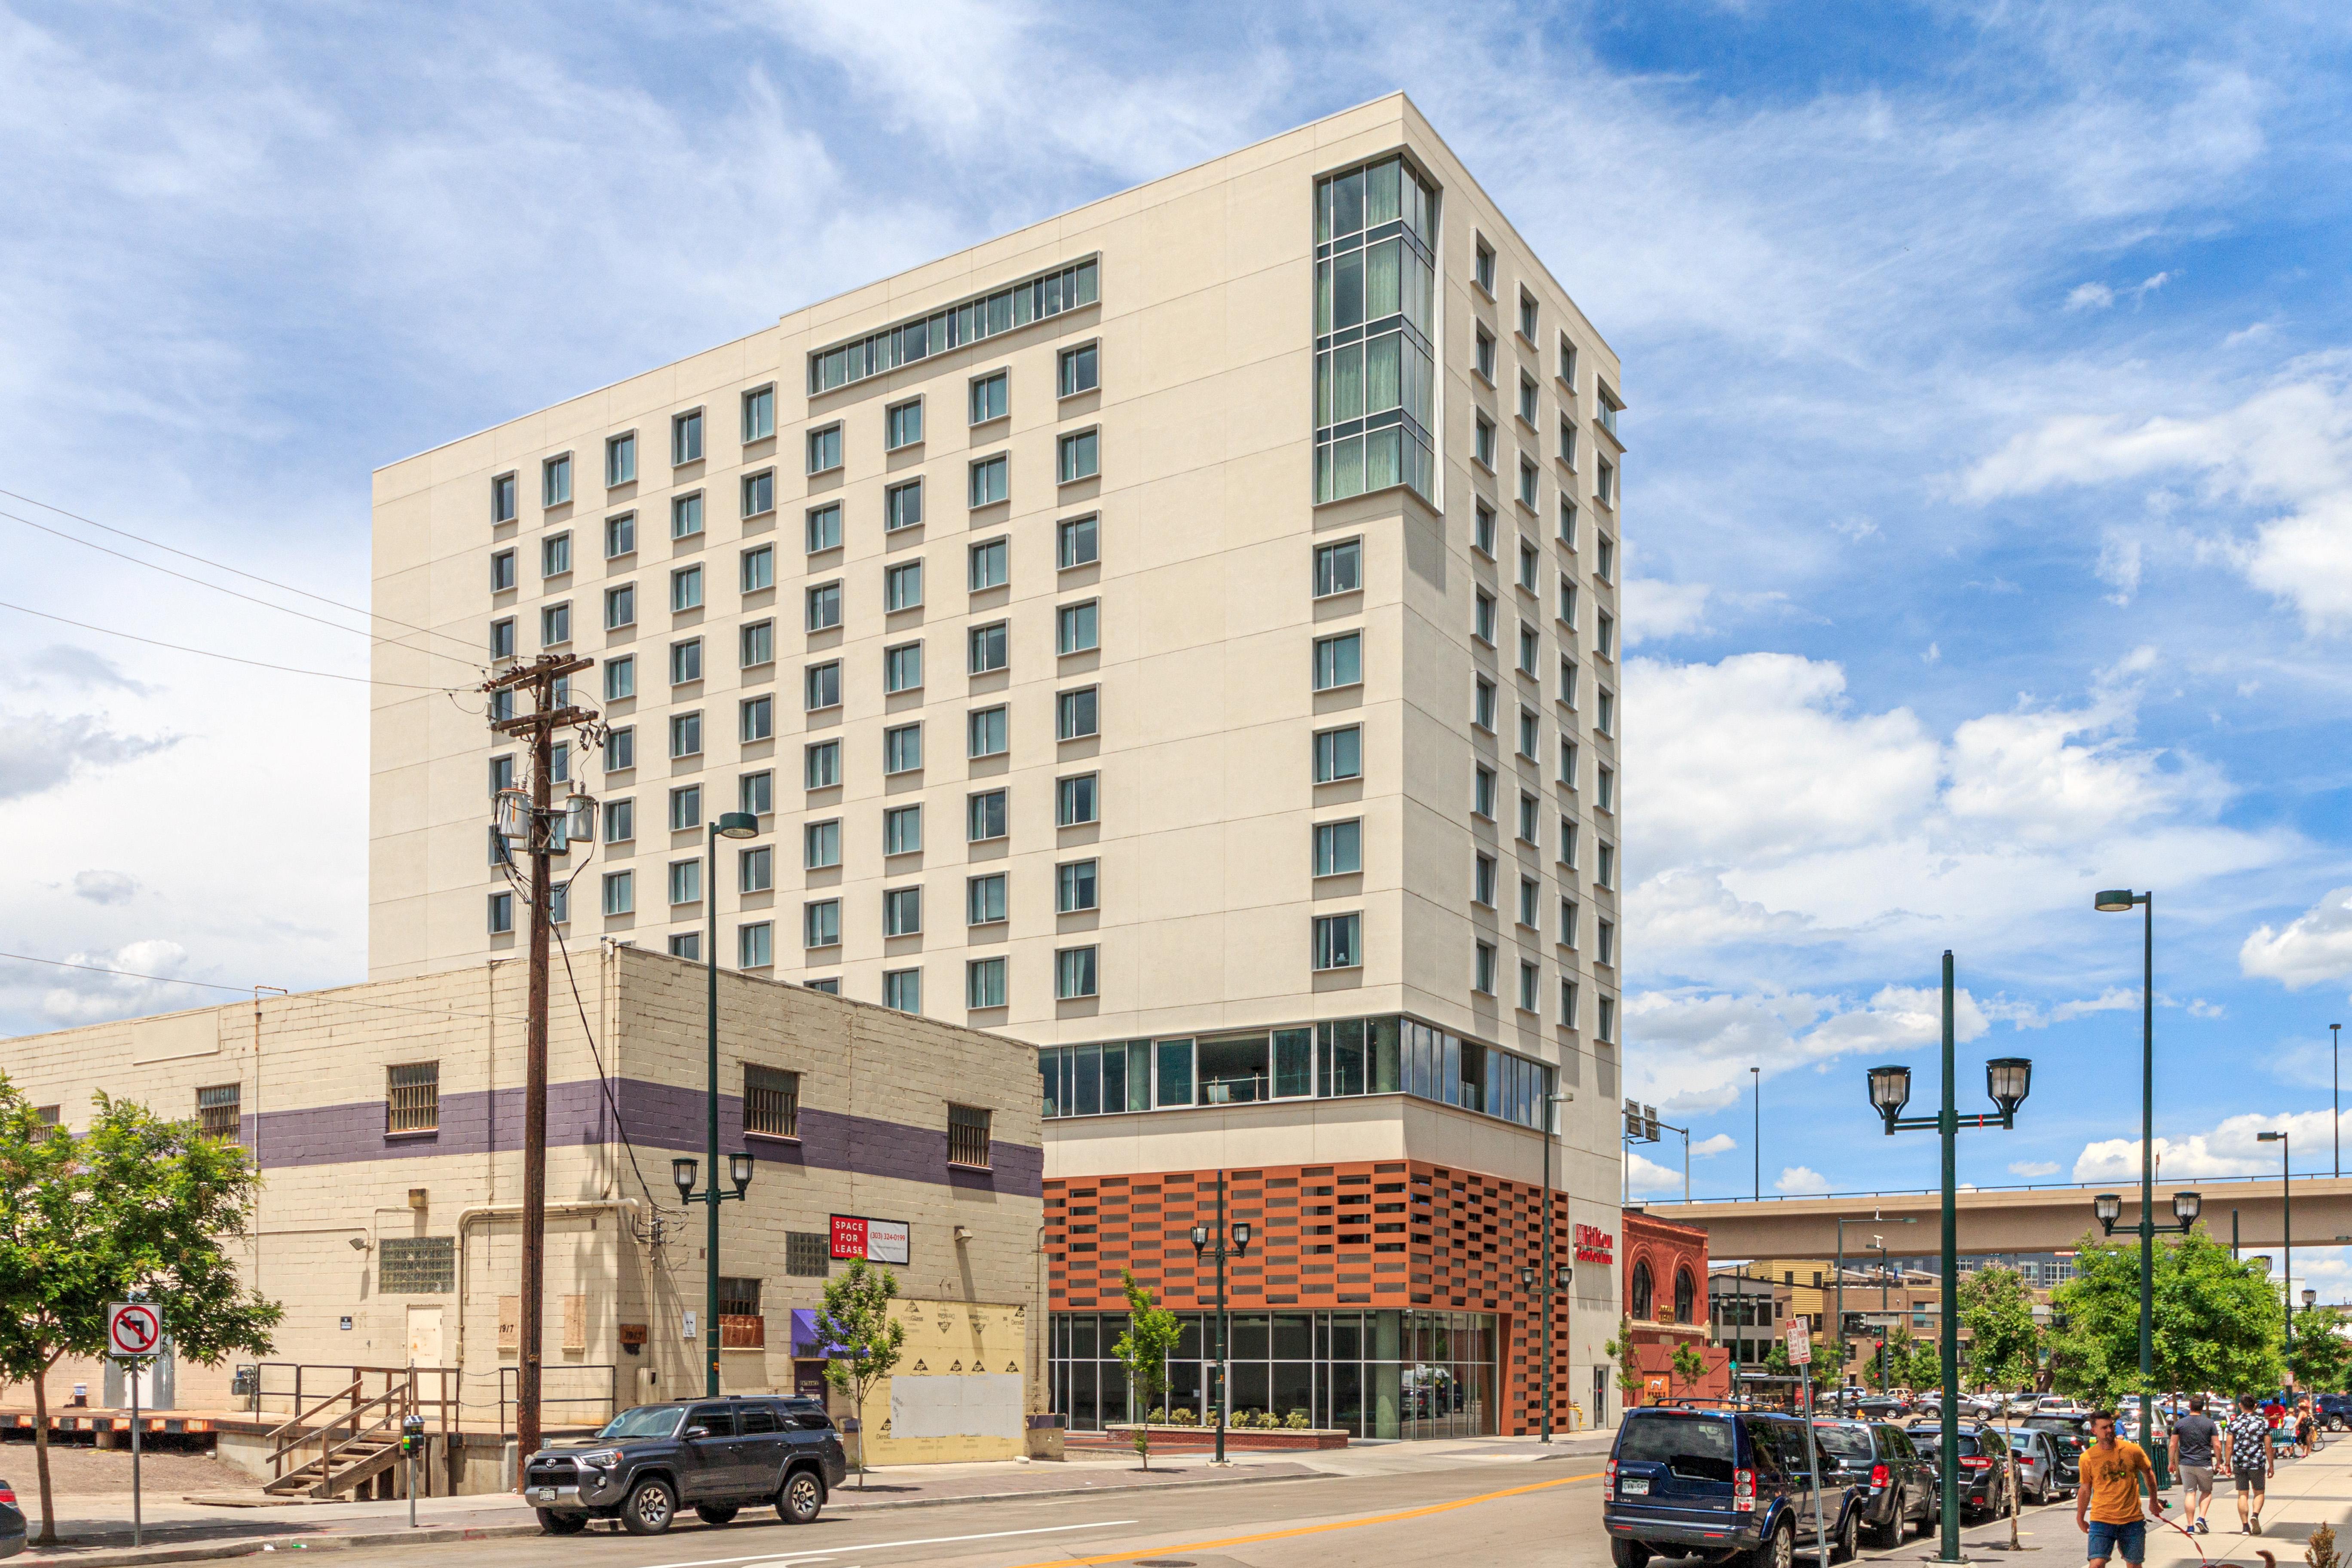 Hilton Garden Inn DUS - 19th and Chestnut